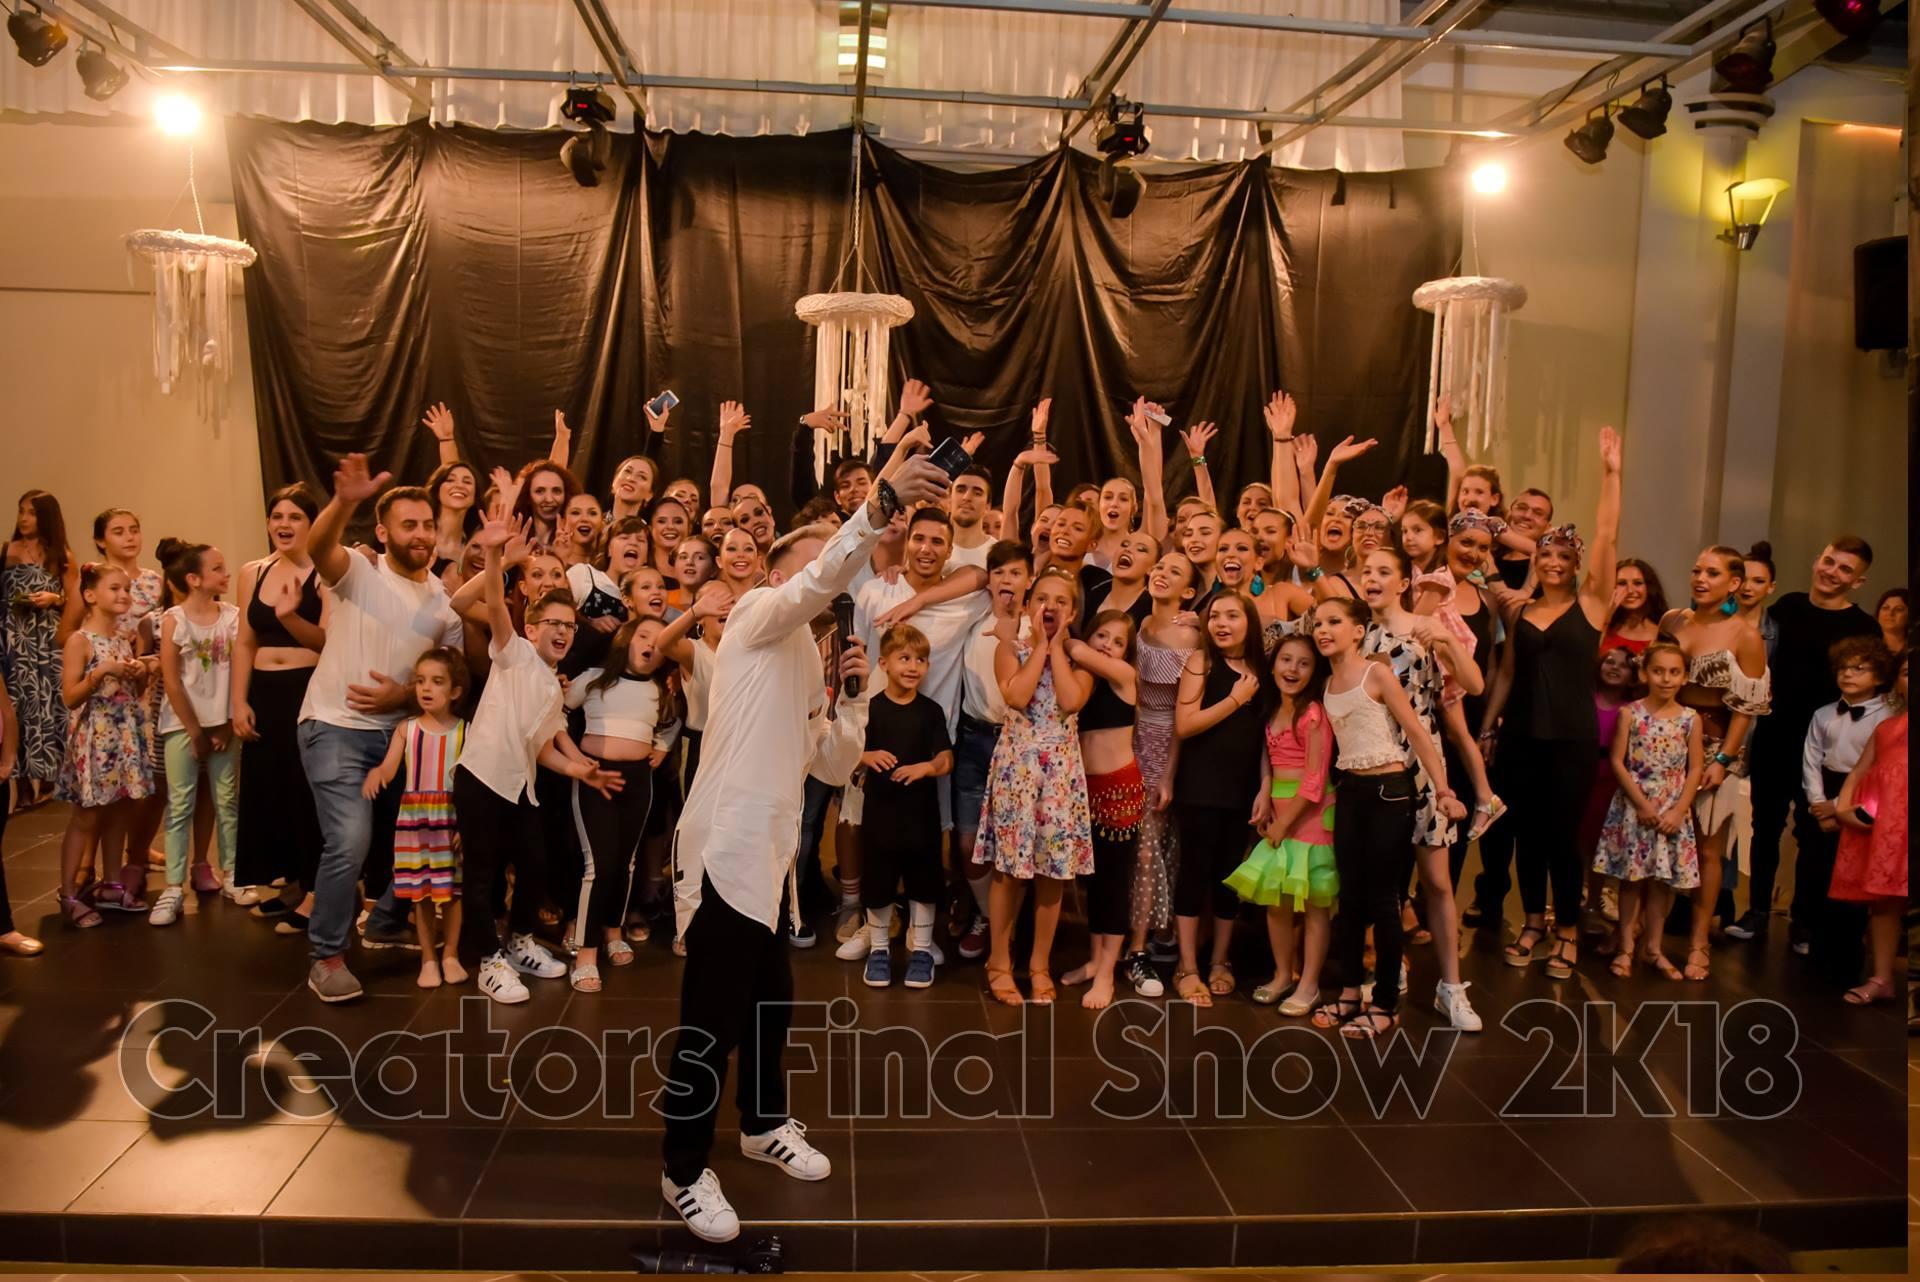 Creators Final Show 2K18 | 28/06/2018